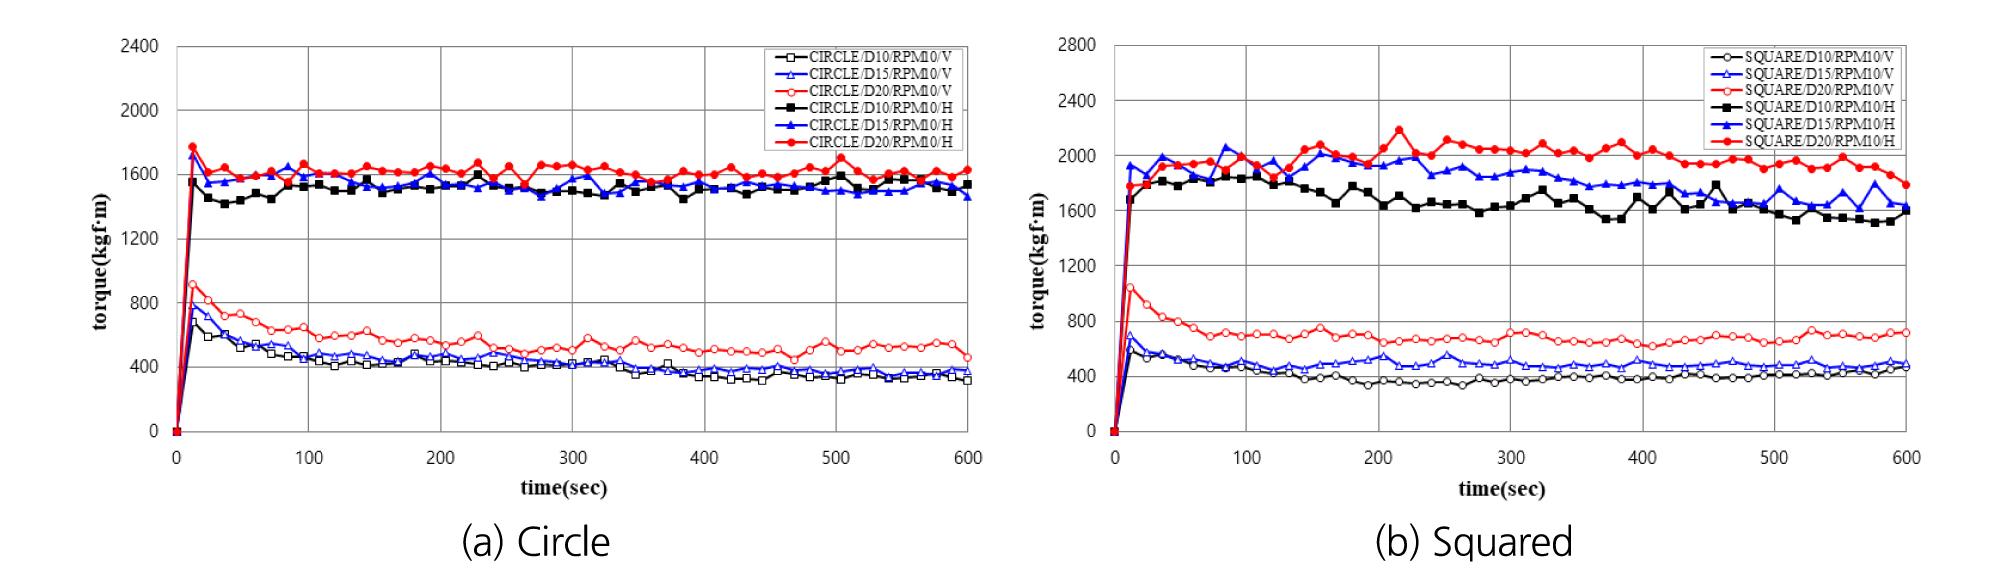 http://static.apub.kr/journalsite/sites/kta/2020-022-01/N0550220106/images/kta_22_01_06_F10.jpg